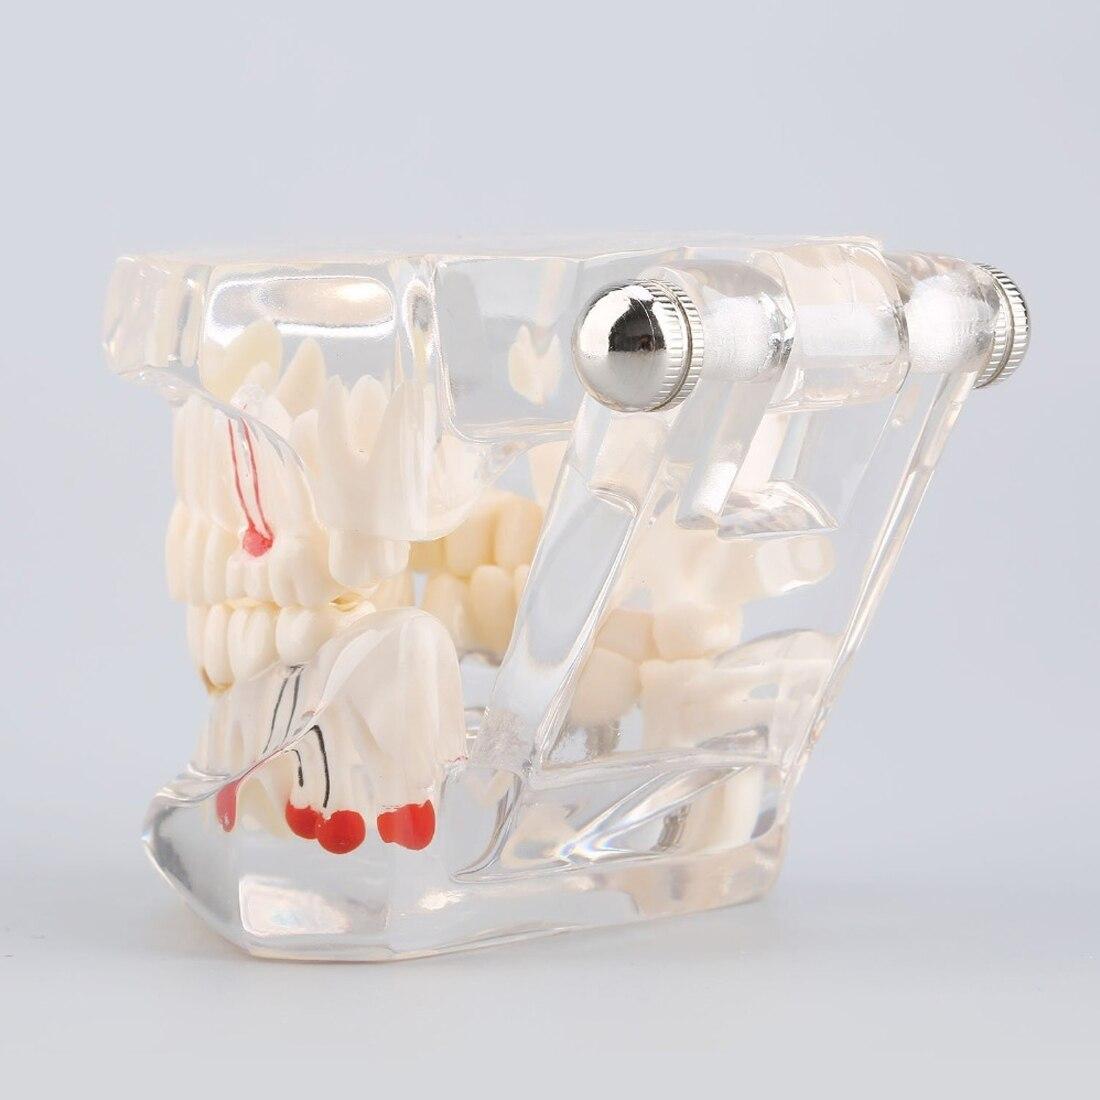 Новый учебно-исследовательский инструмент для медицинских исследований, стоматологическая инфекция, зубной имплантат, модель зубов с